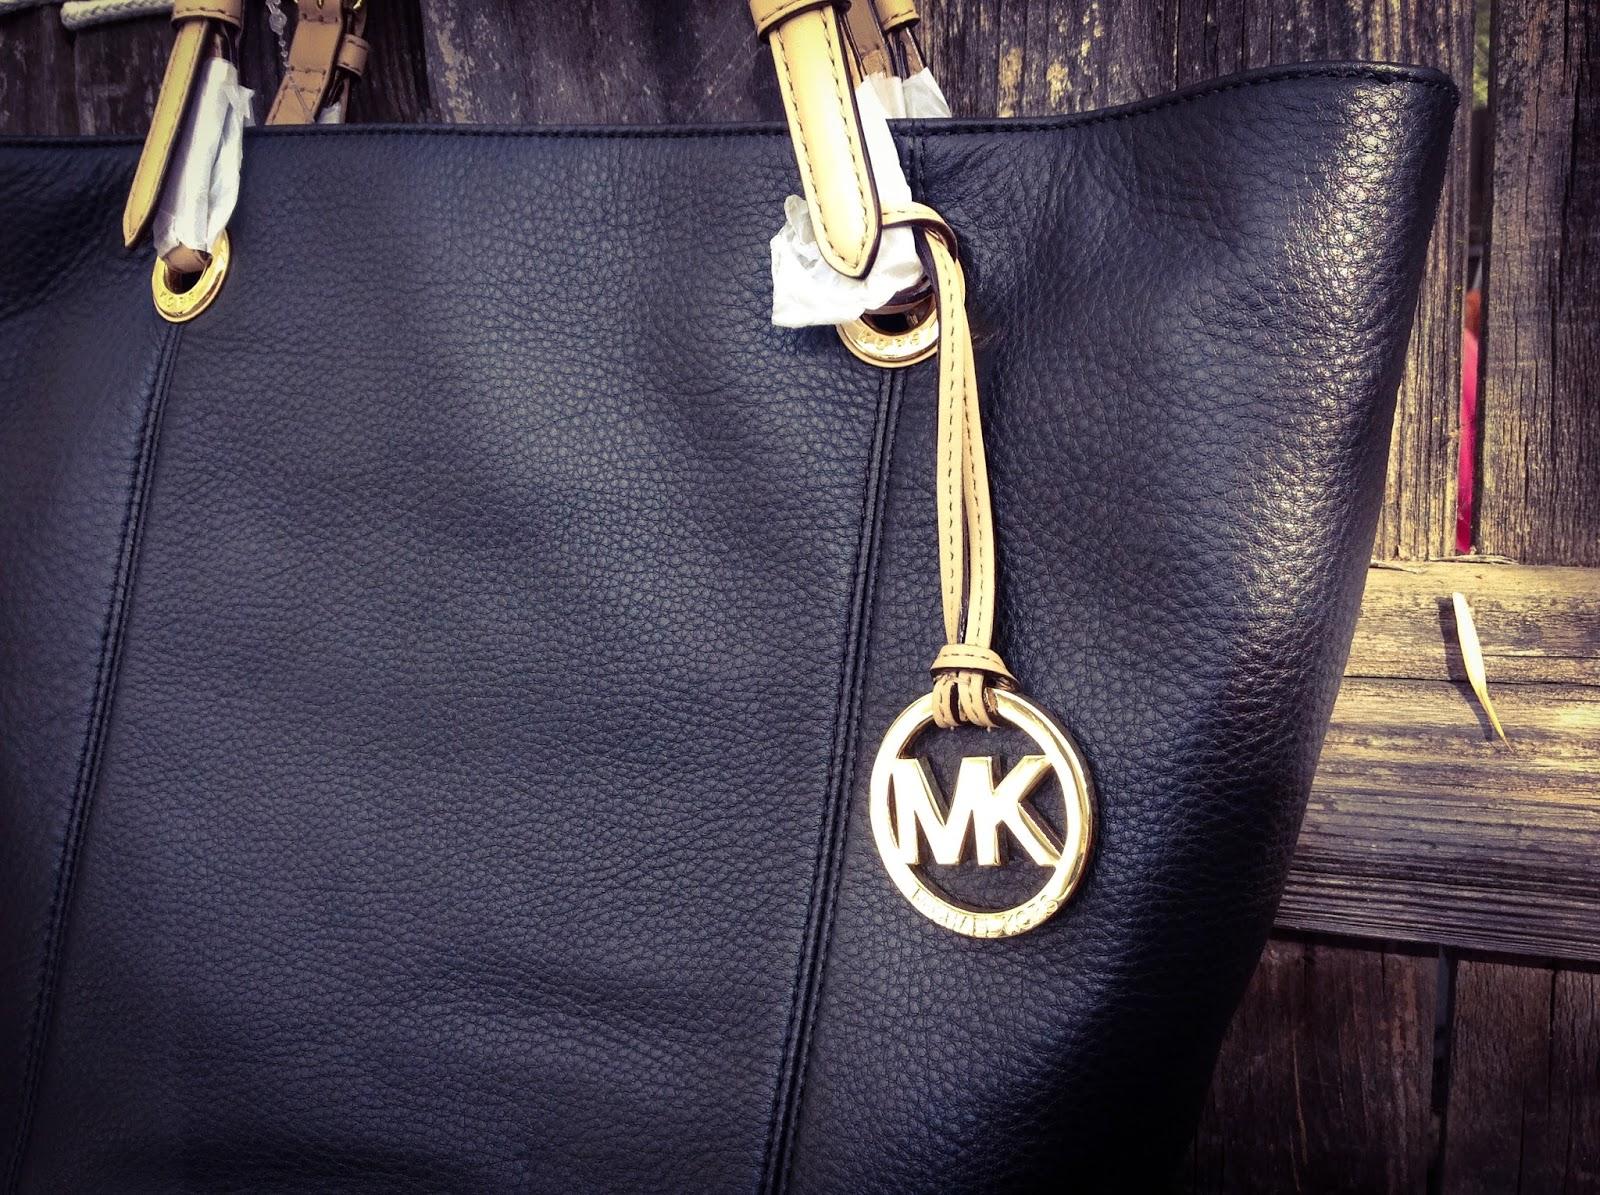 michael kors wallet tk maxx for sale mkoutlet. Black Bedroom Furniture Sets. Home Design Ideas